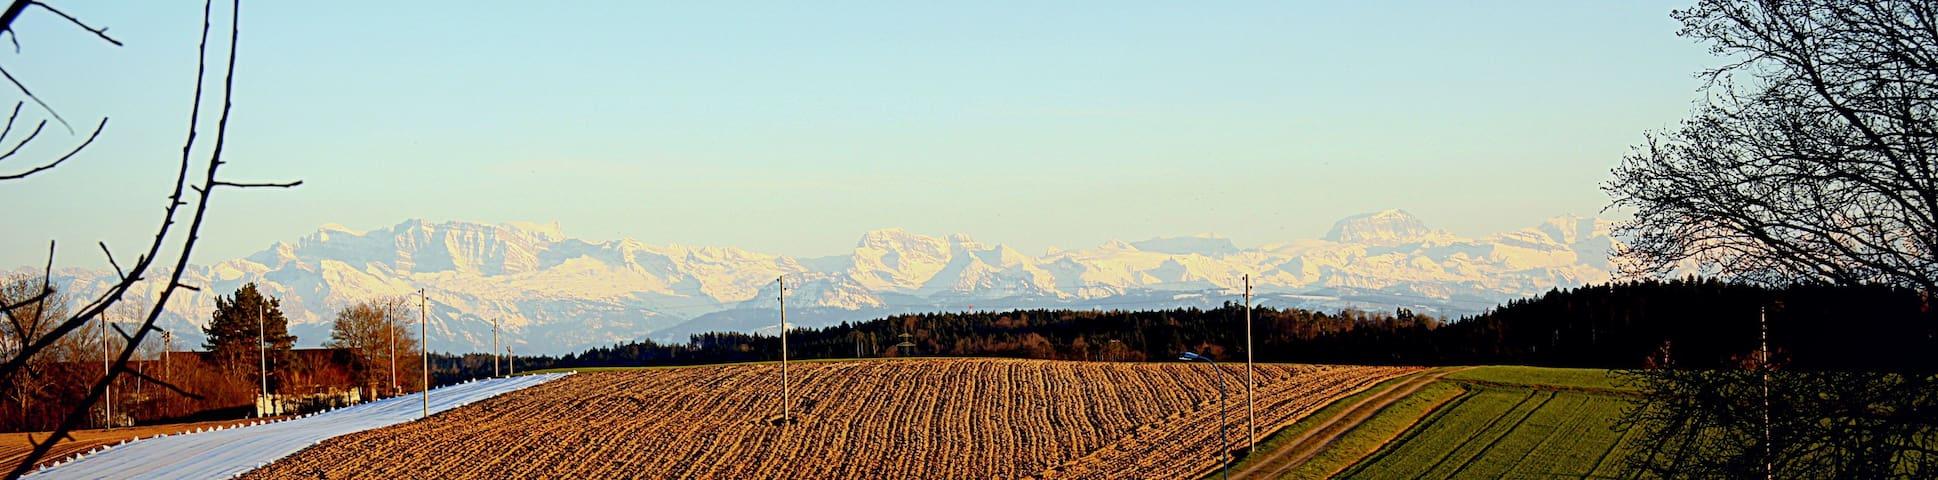 Wohlfühlen in ruhiger Umgebung Zürich mit Aussicht - Illnau